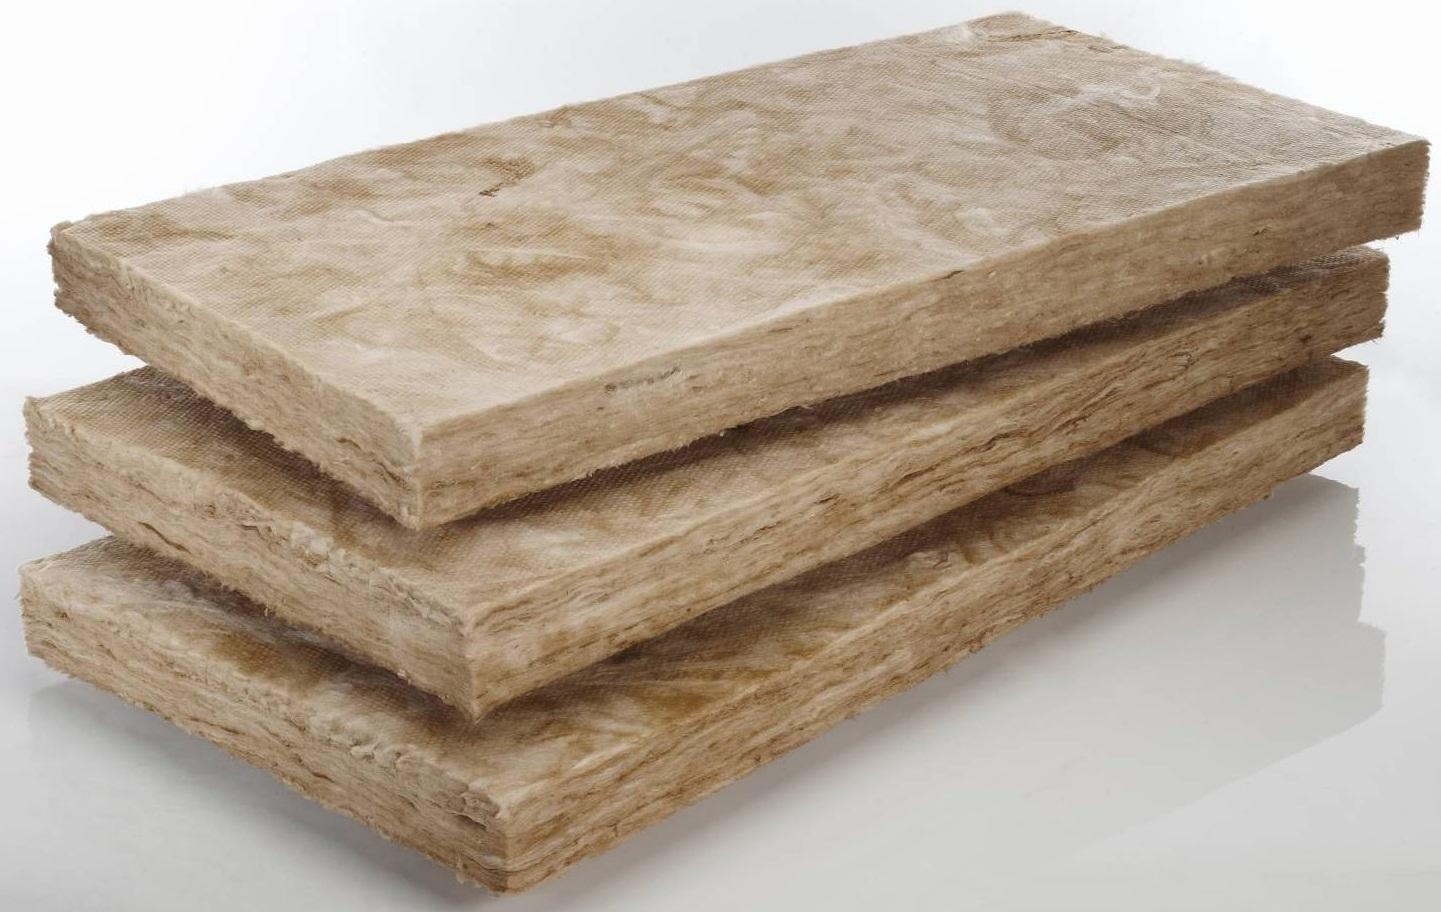 Минеральная вата - один из наиболее популярных материалов для утепления, однако она может впитывать влагу